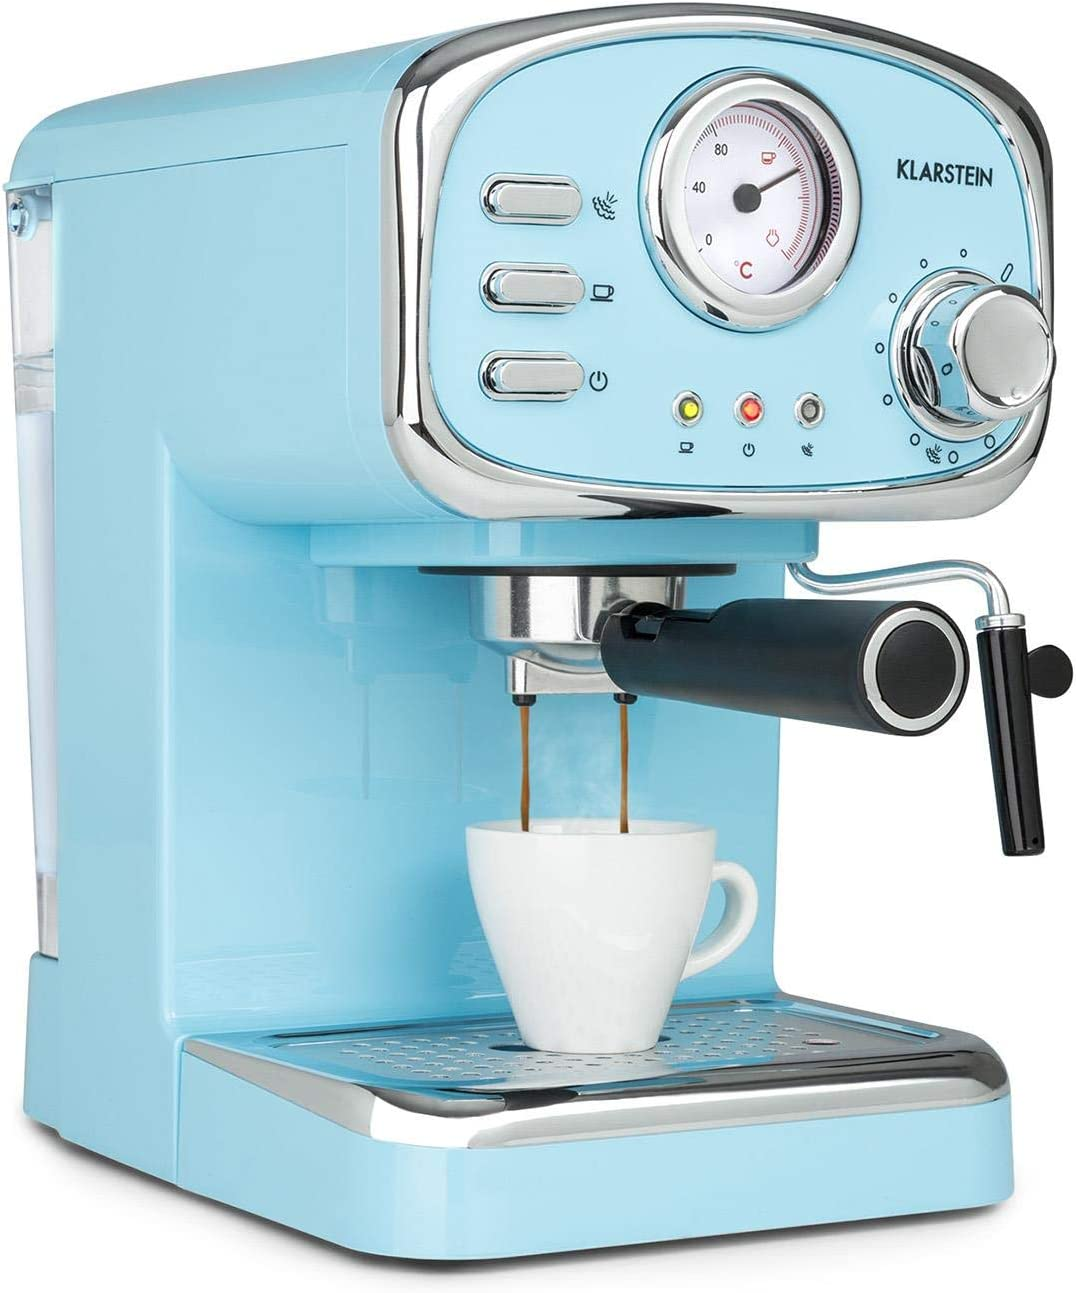 Klarstein Espressionata Gusto - Cafetera espresso, Rejilla acero inoxidable extraíble, EasyBrewing, Boquilla móvil para espuma y agua caliente, Depósito 1L, 1100W, 15 bar de presión, Azul